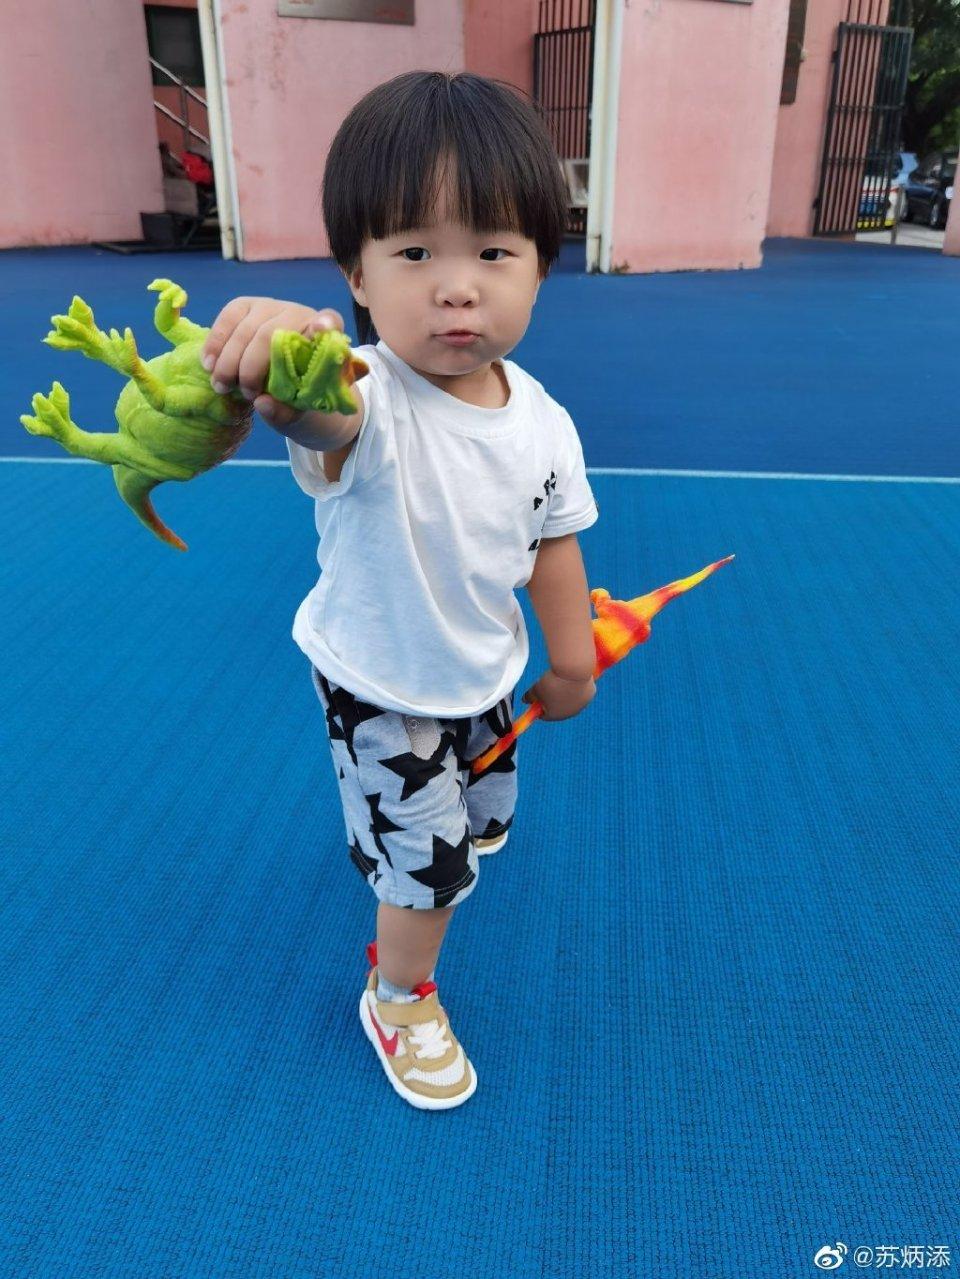 苏炳添2岁儿子呆萌可爱!模仿恐龙奶凶奶凶,妈妈一个表情回应